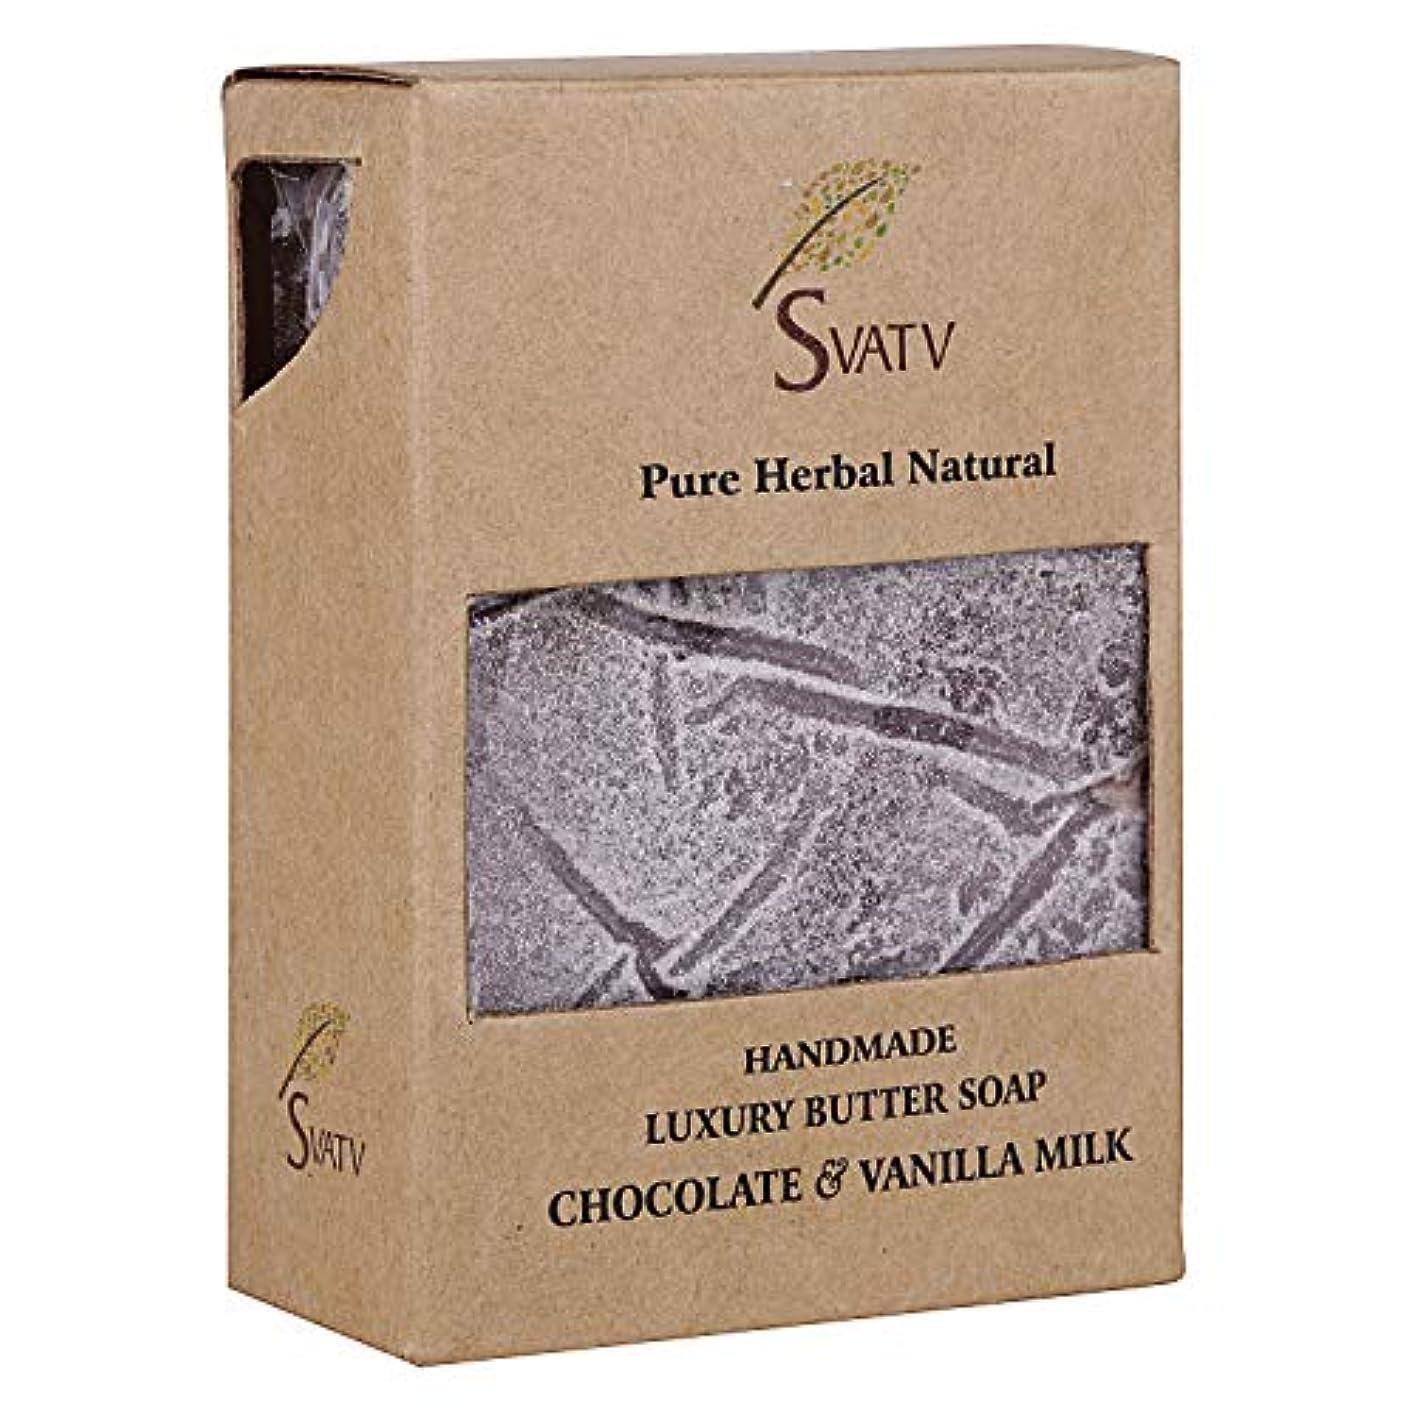 修復教育する地区SVATV Handmade Luxury Butter Soap Chocolate & Vanilla Milk For All Skin types 100g Bar